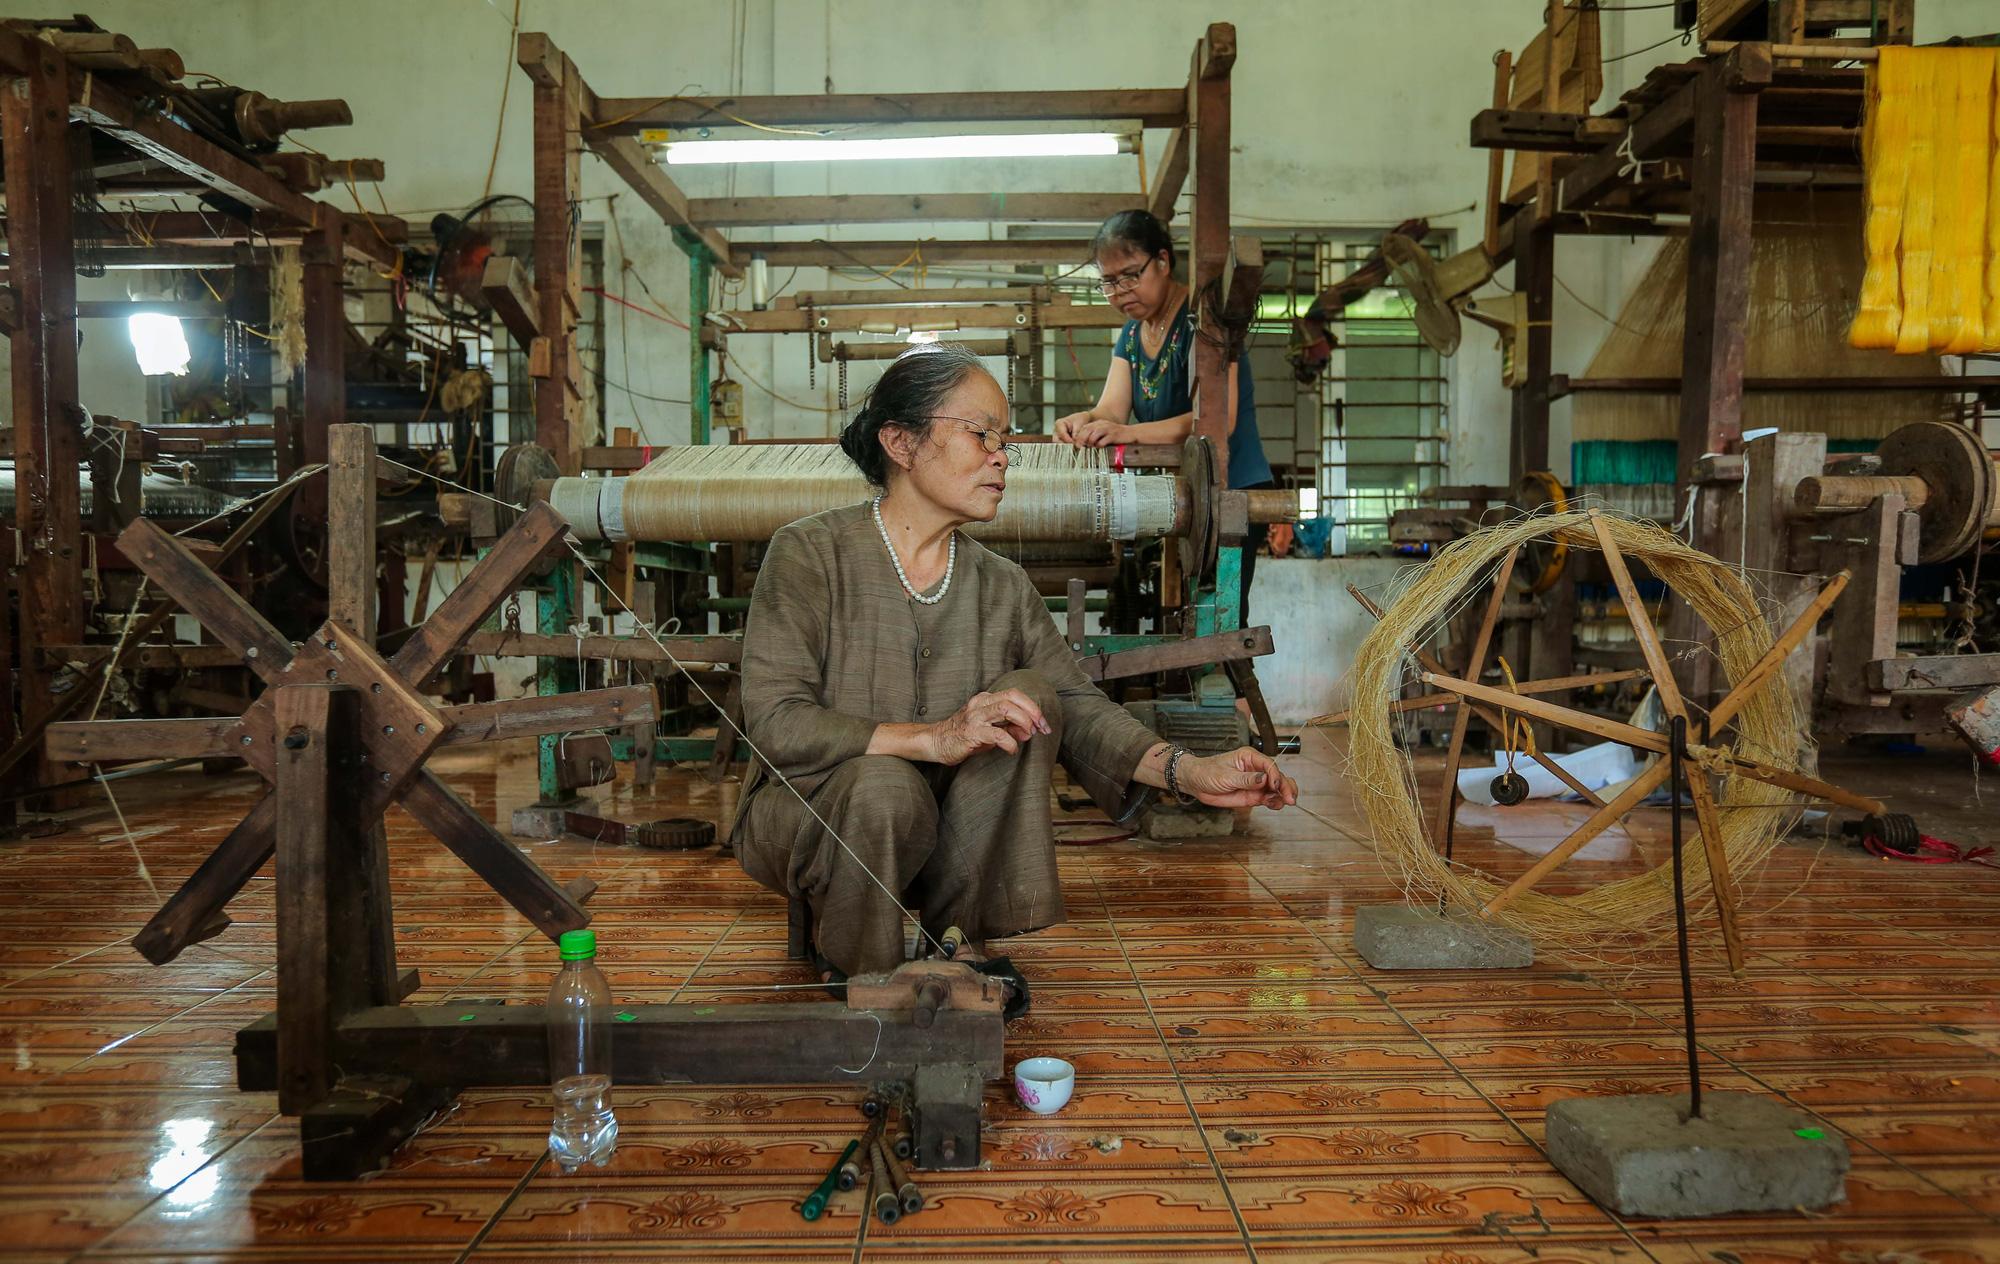 Chiêm ngưỡng các công đoạn dệt lụa bằng tơ sen độc đáo ở Việt Nam - Ảnh 9.